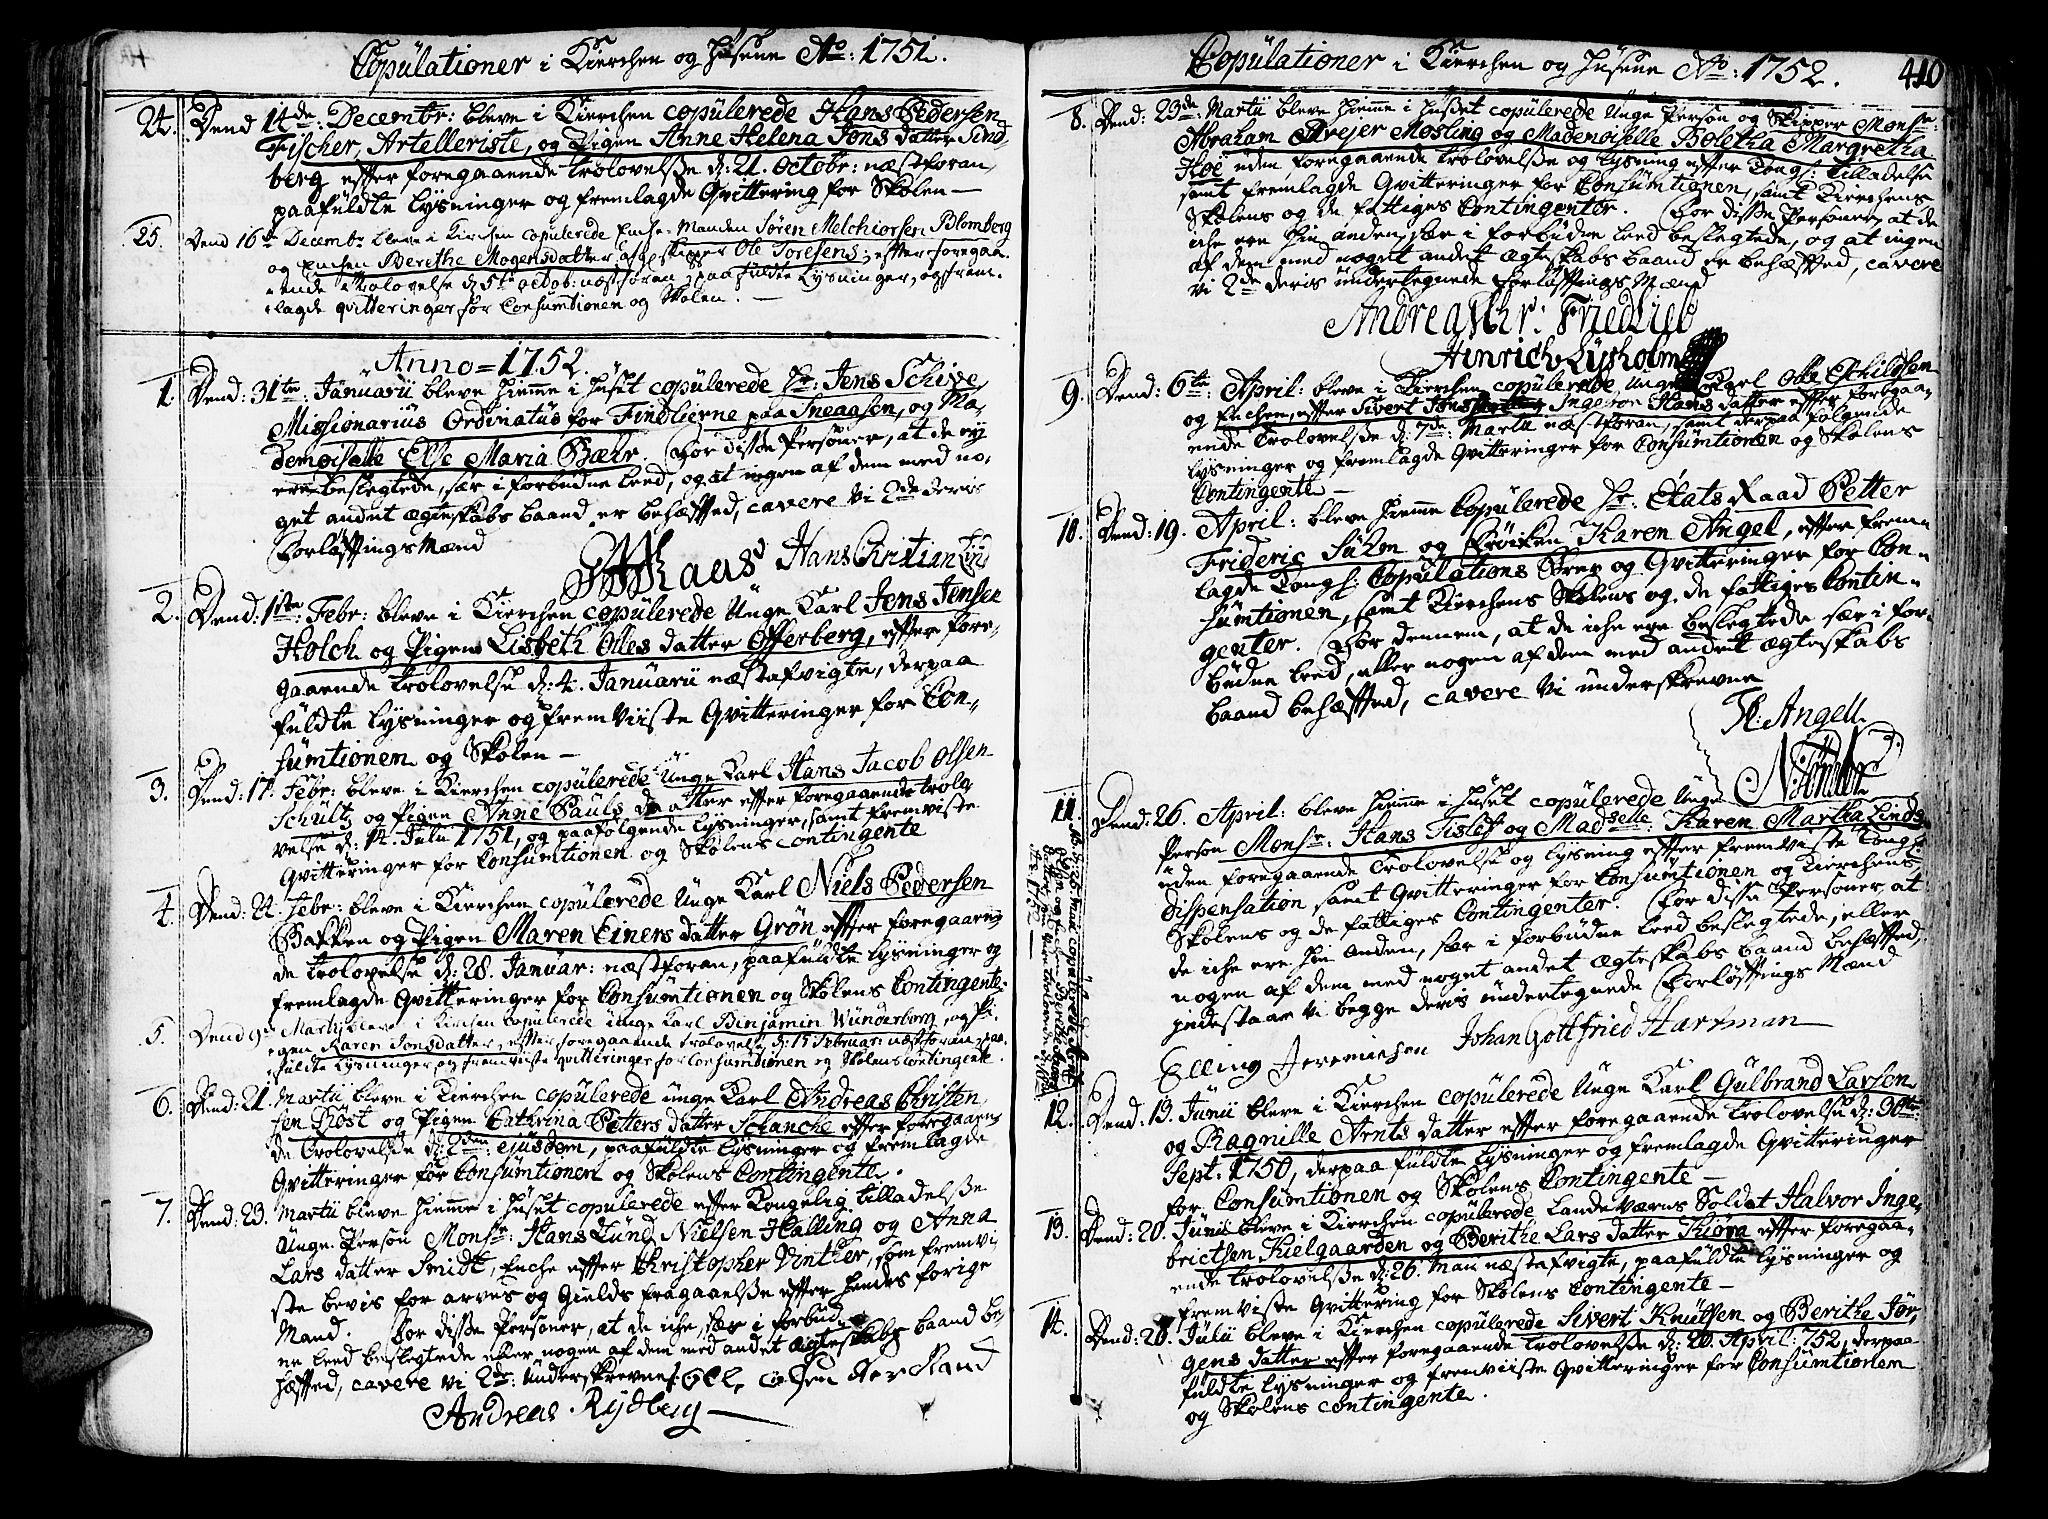 SAT, Ministerialprotokoller, klokkerbøker og fødselsregistre - Sør-Trøndelag, 602/L0103: Ministerialbok nr. 602A01, 1732-1774, s. 410